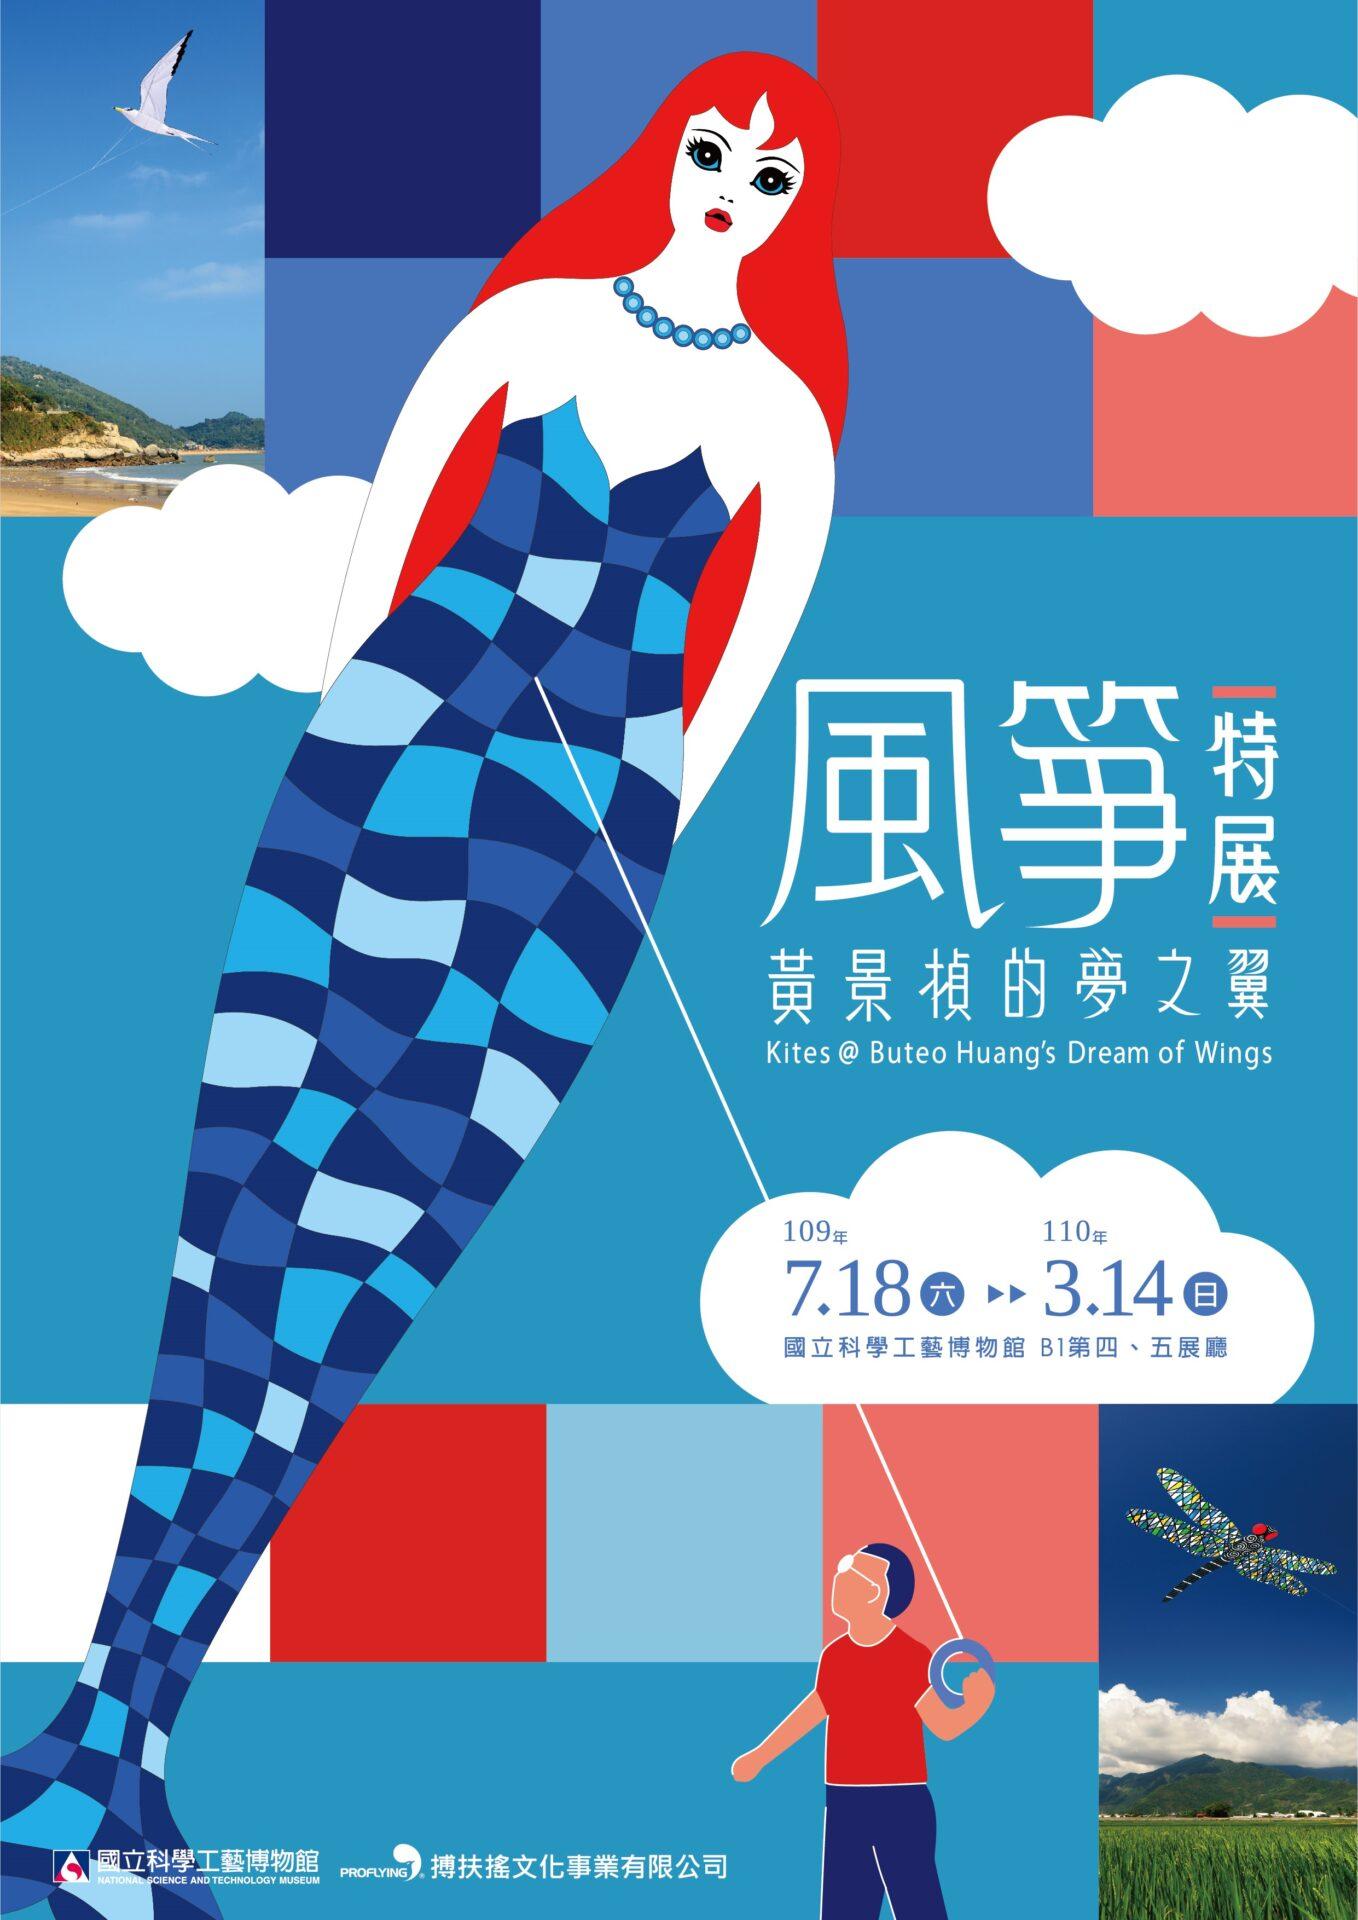 國立科學工藝博物館:2020/07/18-2021/03/14【風箏@黃景楨的夢之翼 特展】